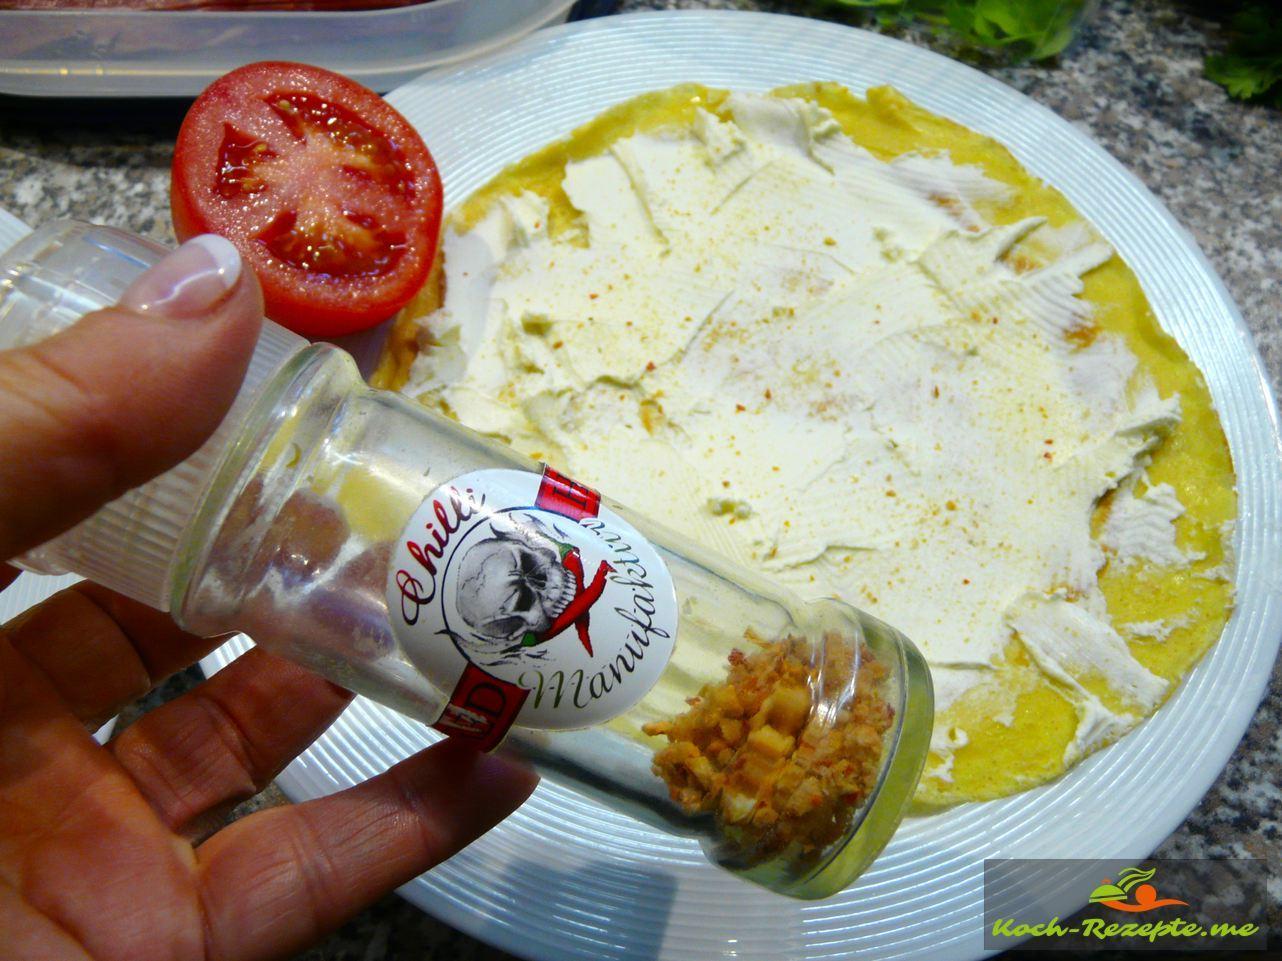 Eine andere Kreation mit Frischkäse Chilisalz und Tomaten